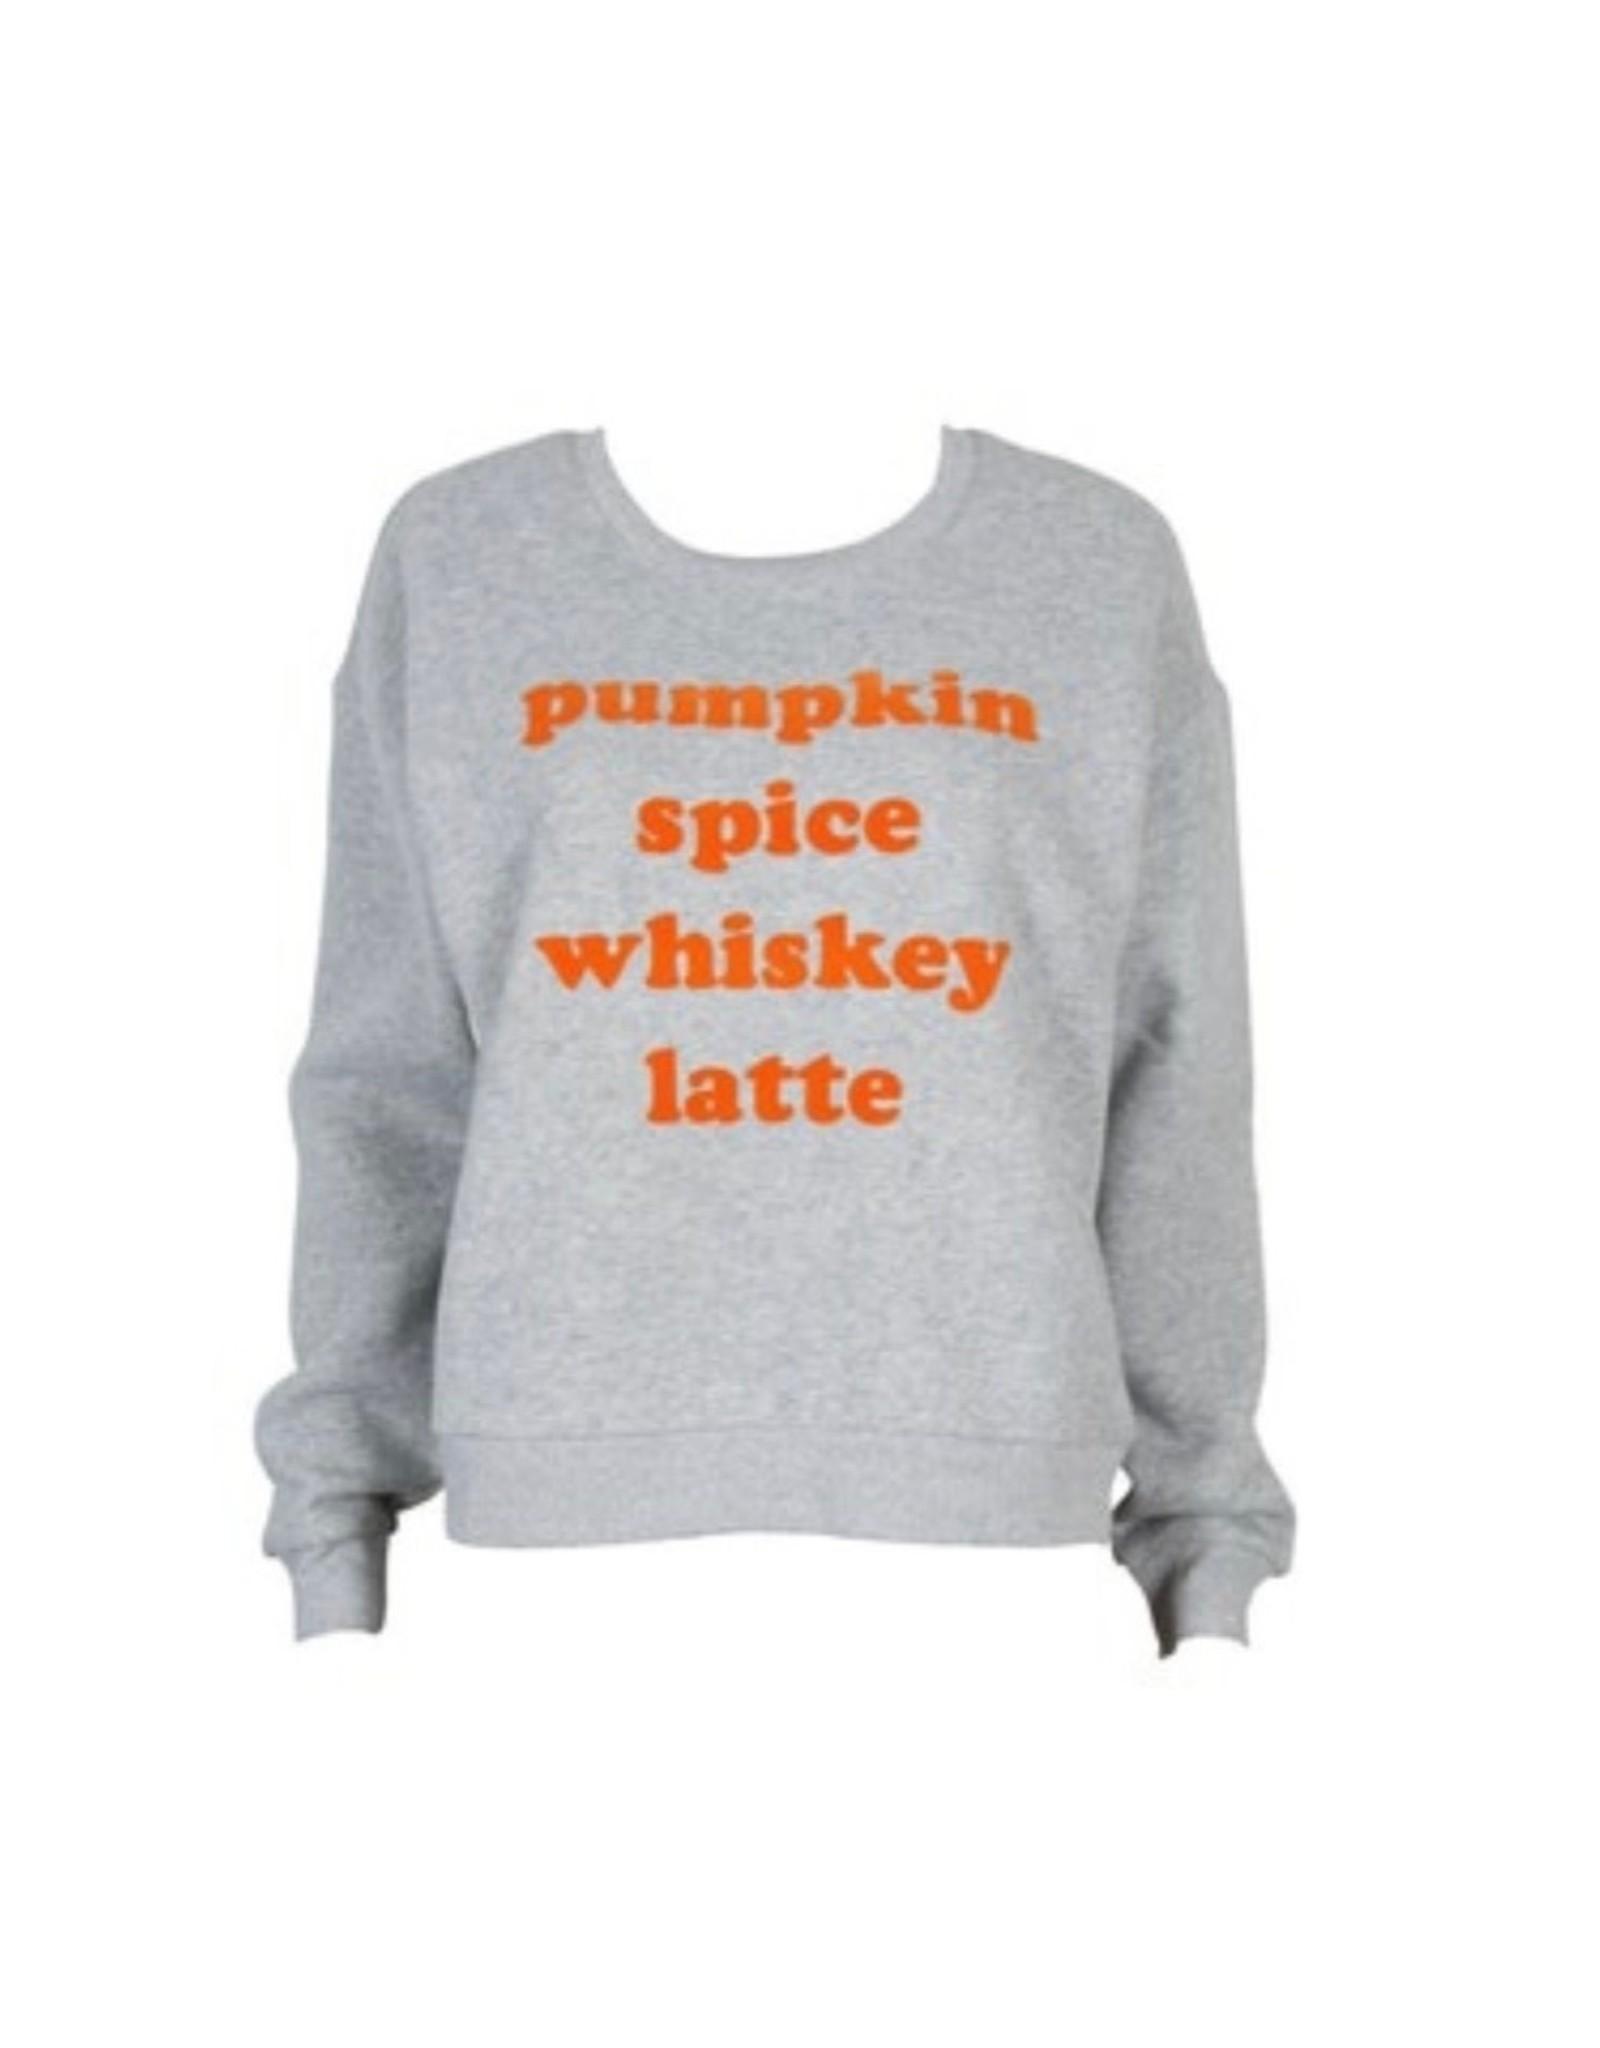 Mink Pink Whiskey Spice sweatshirt